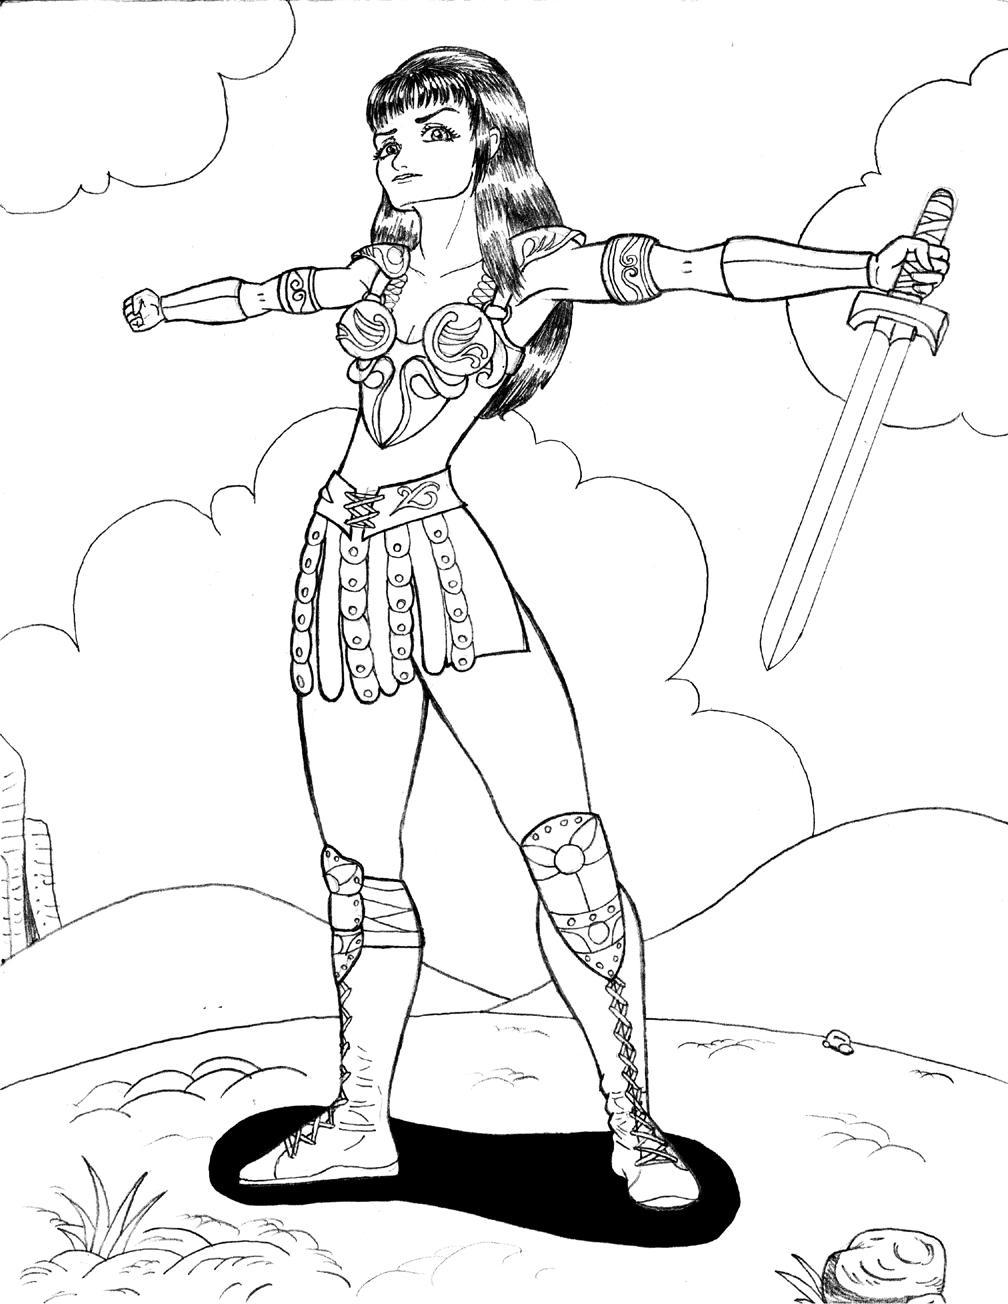 xena warrior princess by GarbageDraw